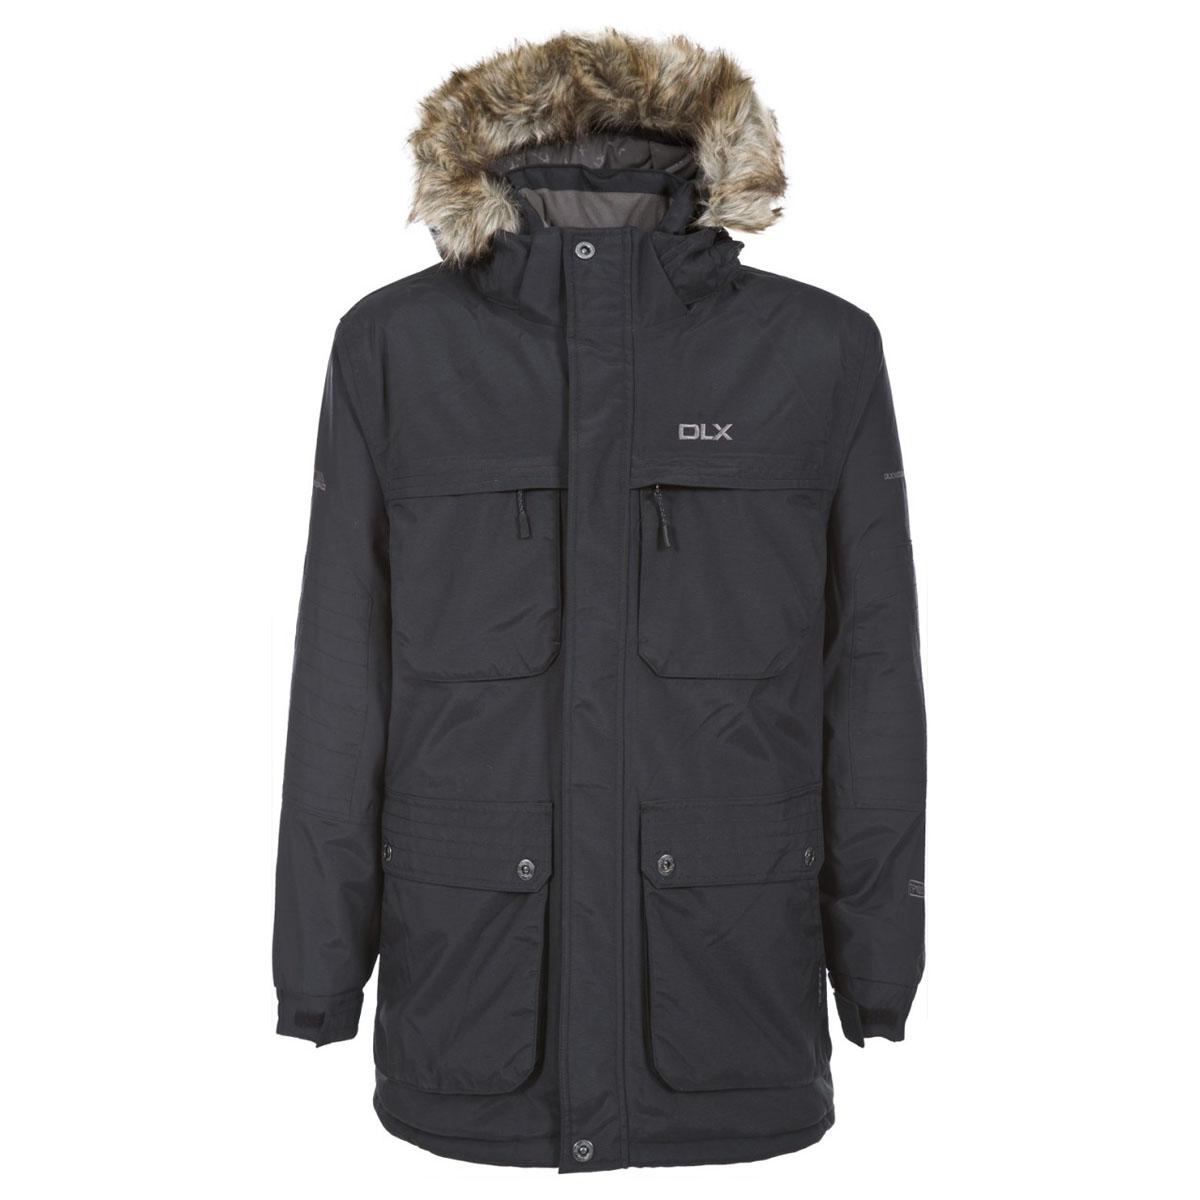 MAJKRAL10001Великолепная удлиненная теплая куртка-парка для русской зимы в стиле casual. Верхний материал мембранный 10000мм/5000 г/24ч .Утеплитель ColdHeat 320 г/м2 (синтетический, микроволоконный с функцией быстрого отвода влаги и высоким уровнем теплозащиты и износостойкости). Каждый простроченный шов от иглы оставляет сотни отверстий, через которые влага может проникать внутрь куртки. Применение технологии Taped Seams - обработка швов термо-пластичесткой лентой под высоким давлением - запечатывает швы, тем самым препятствуя проникновению влаги внутрь куртки, дополнительно обеспечивая Вашему телу сухость и комфорт. Утепленный регулируемый капюшон с отстегивающимся искуственным мехом.. Прекрасно подойдет как для города, так и для отдыха на природе.